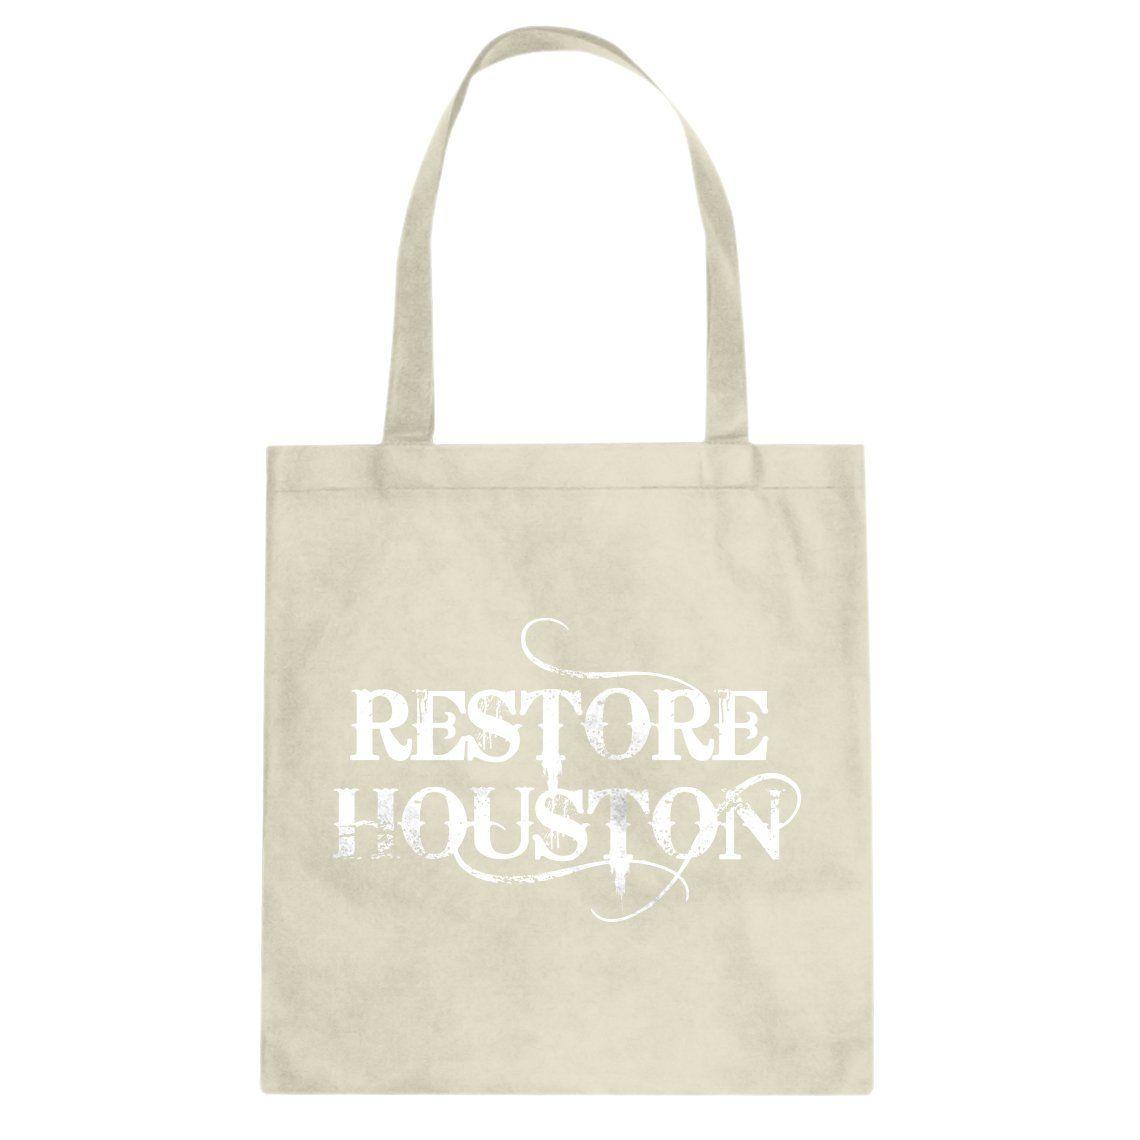 Tote Restore Houston Canvas Tote Bag